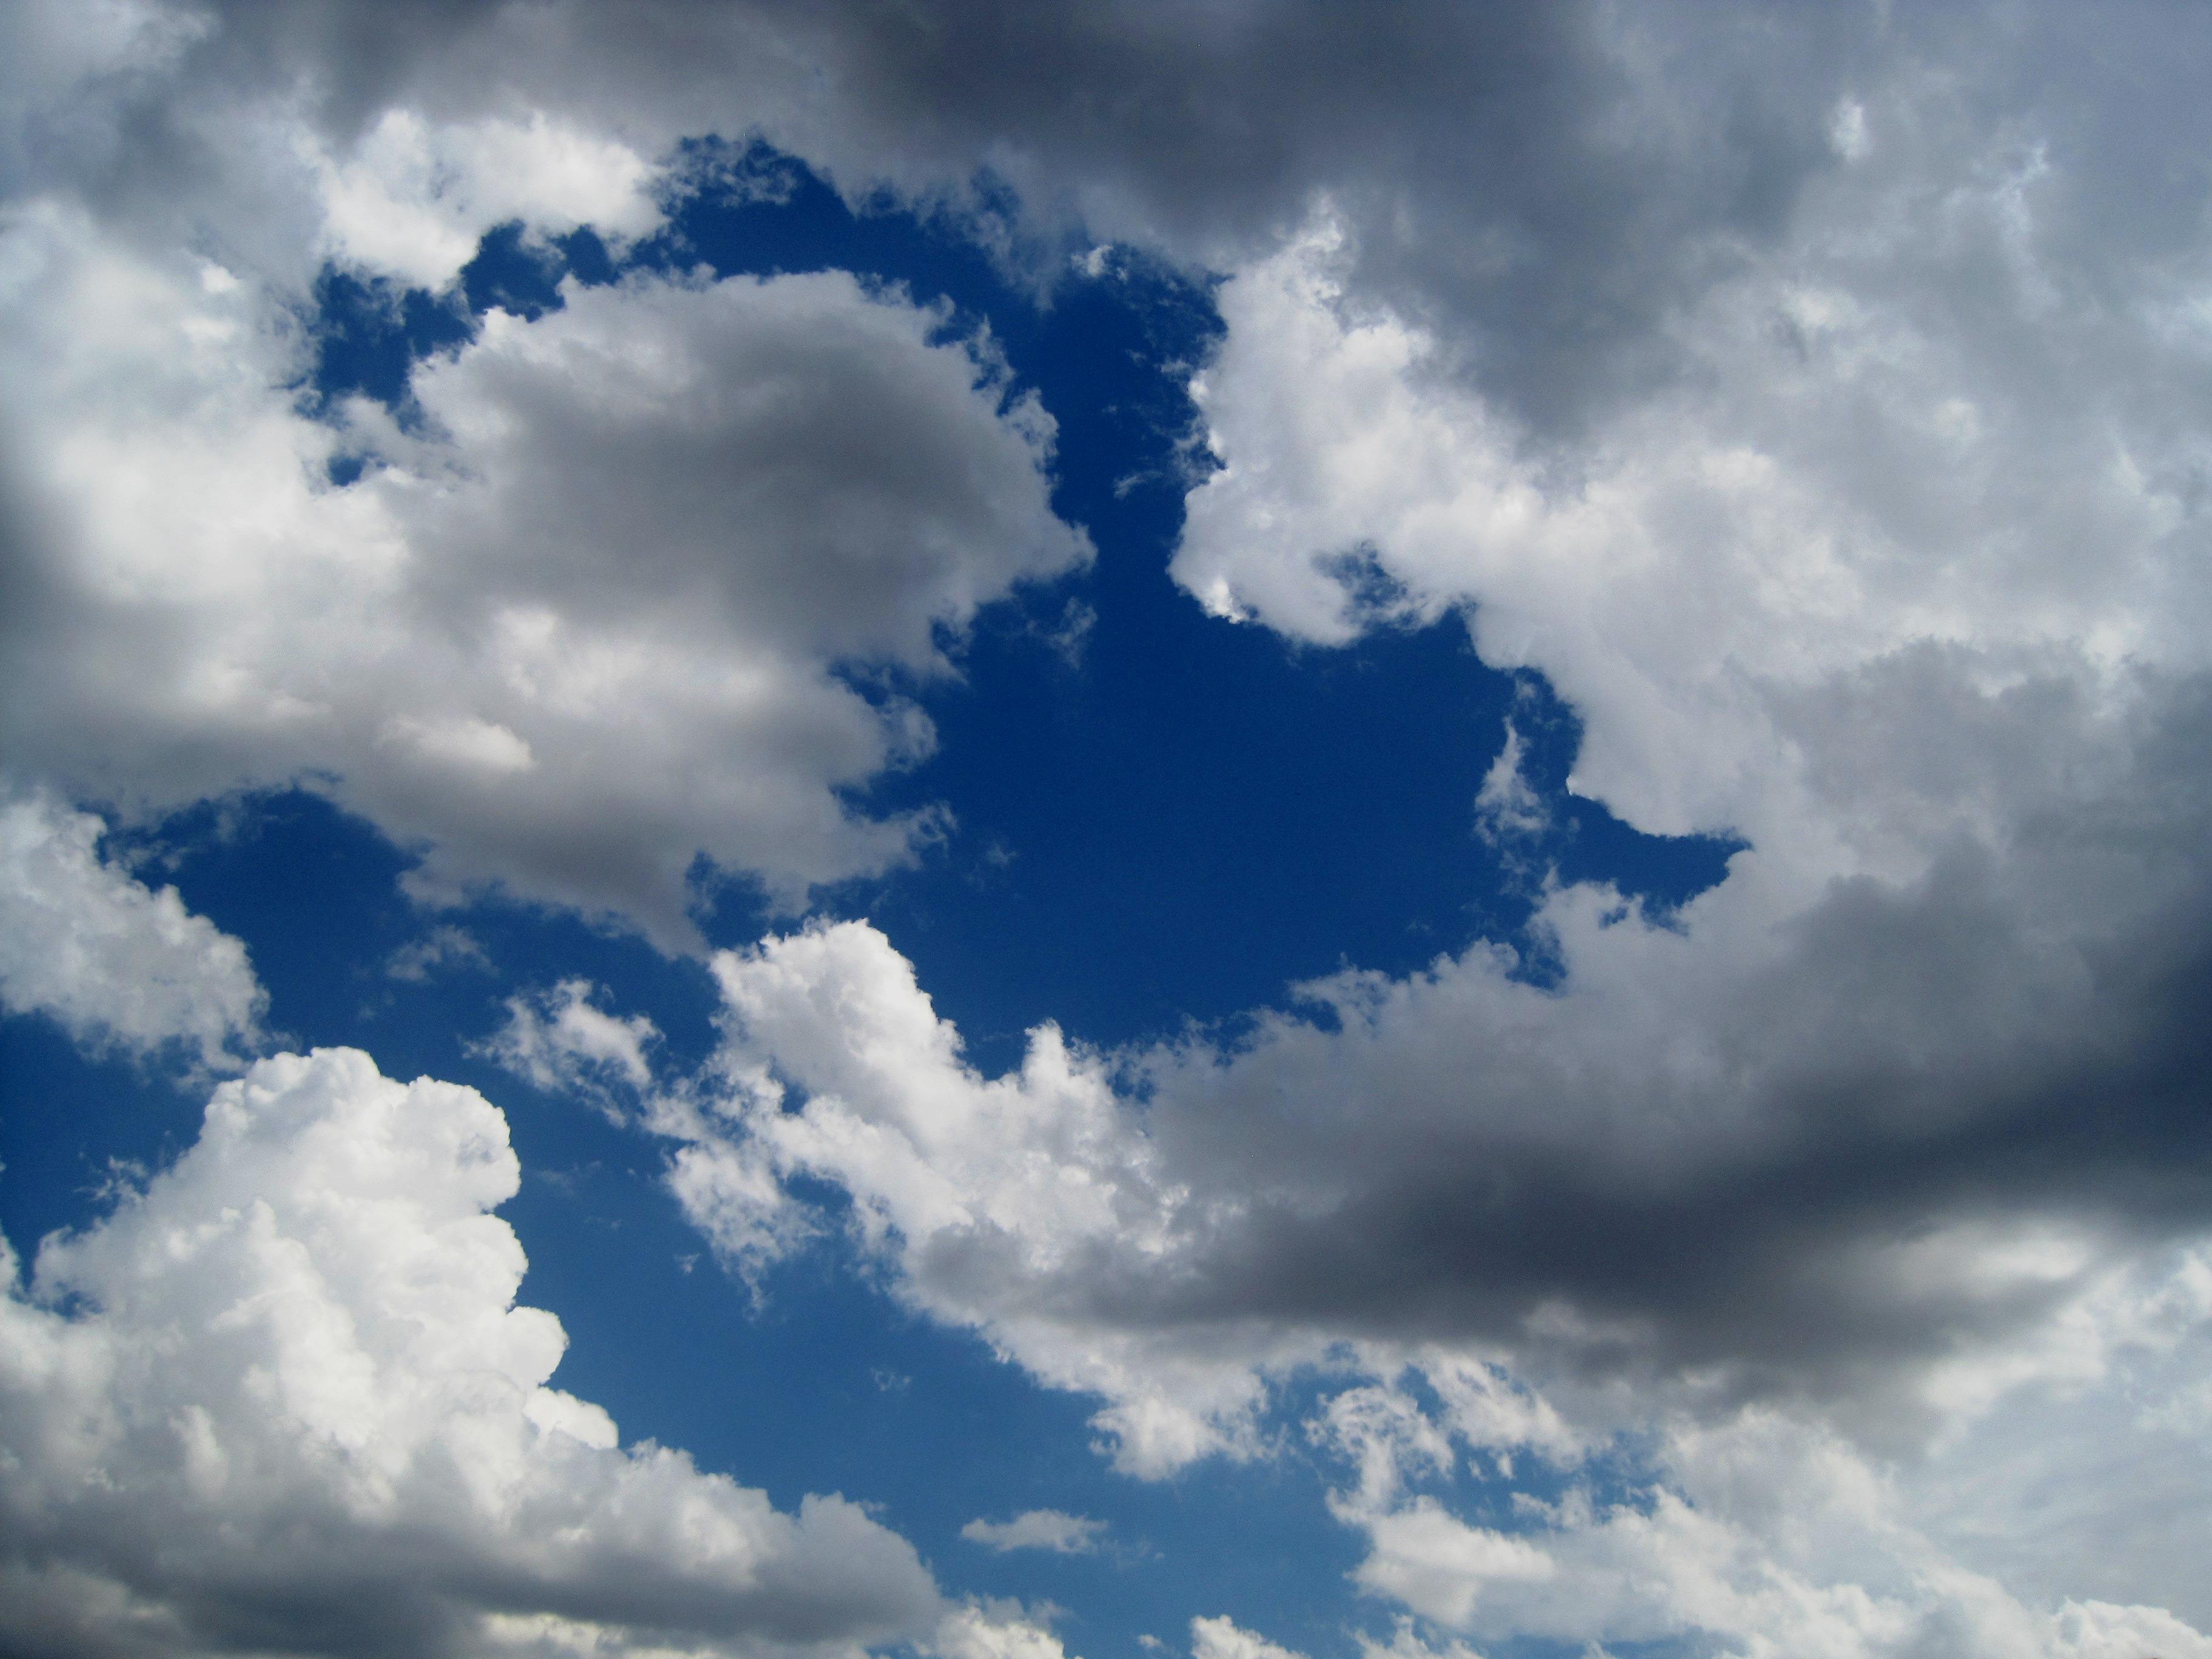 картинки небо облака богатством бюджетное учреждение